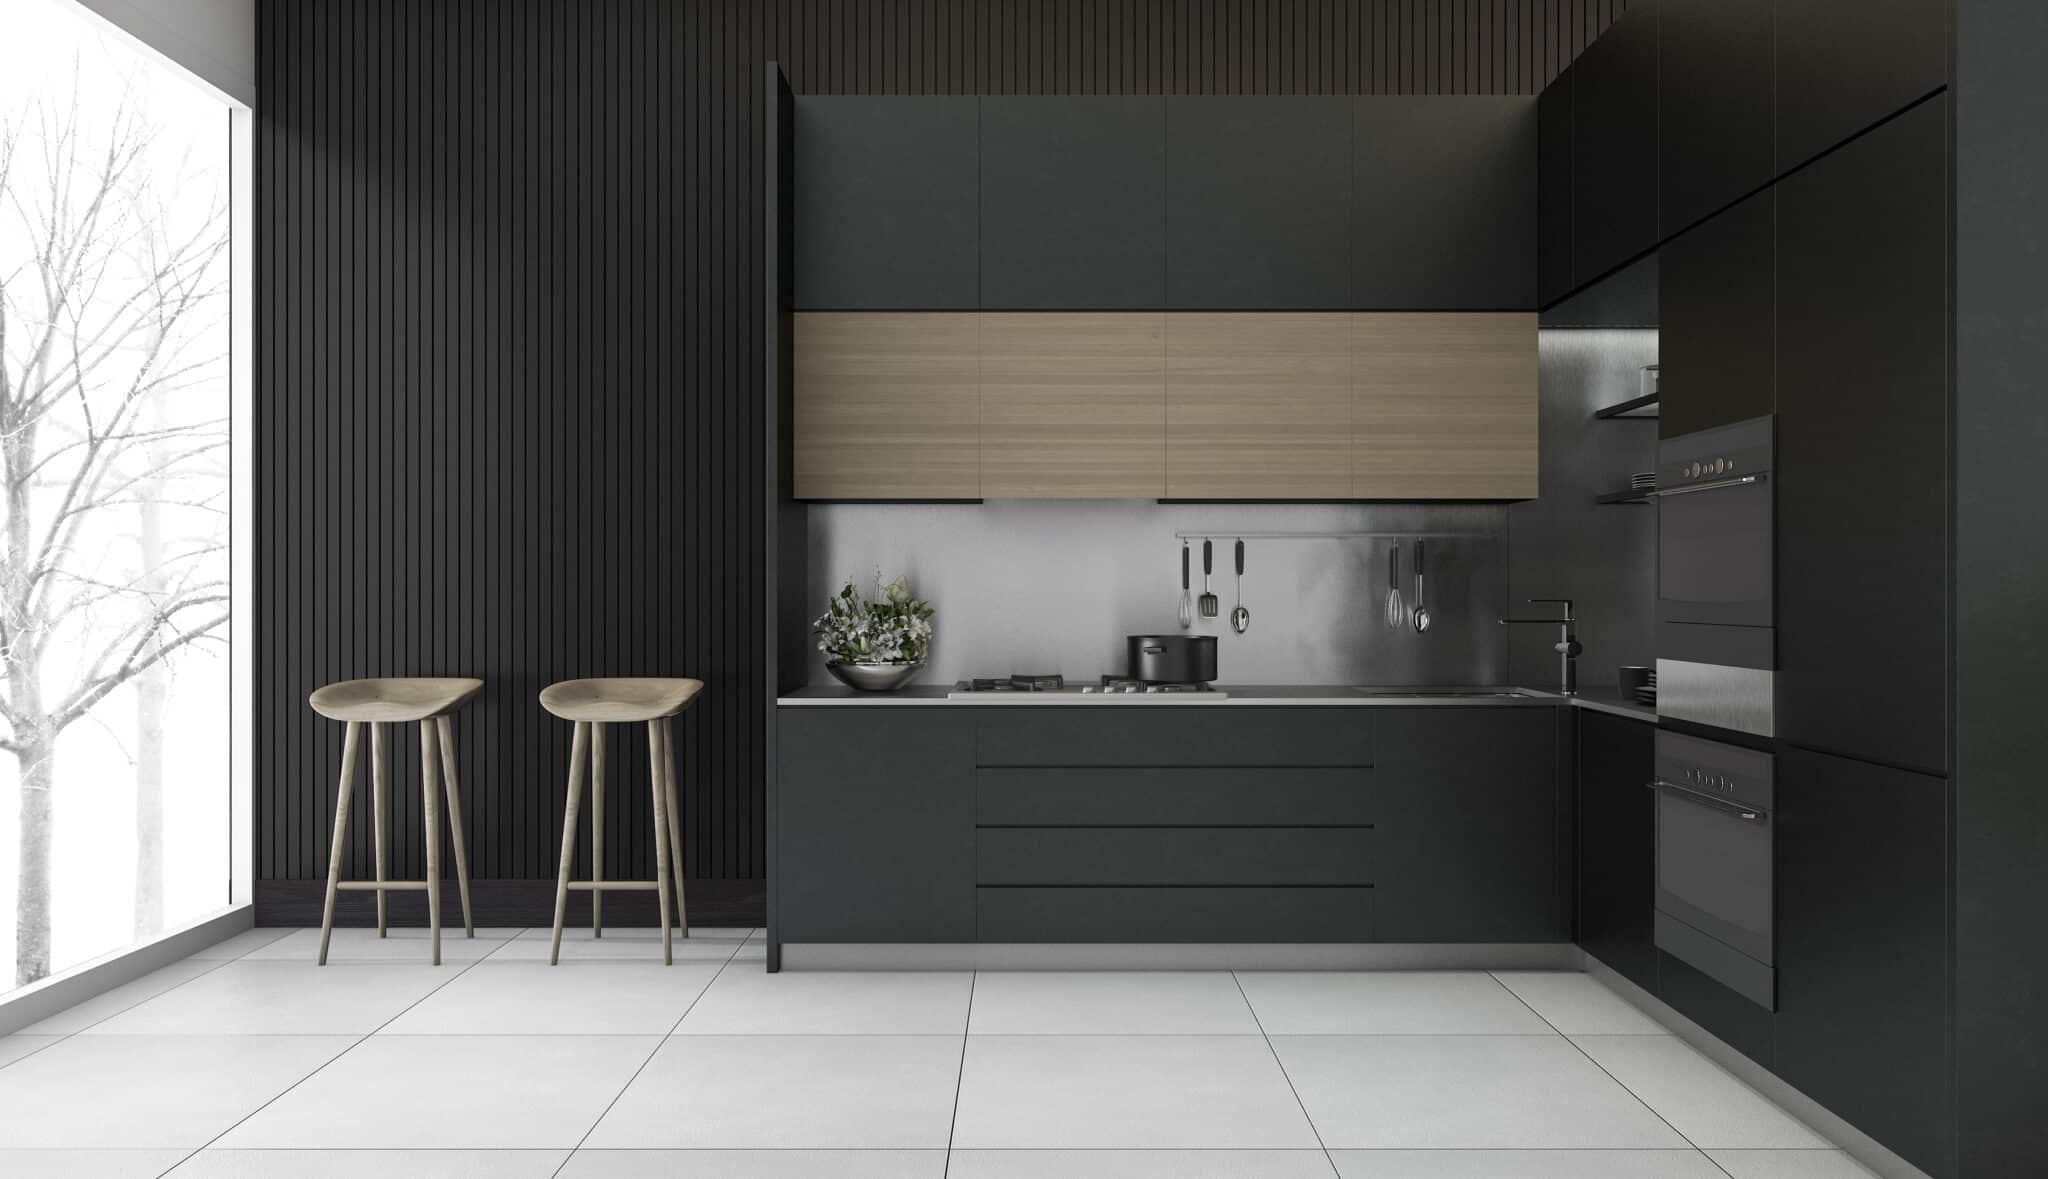 מטבחים מעץ בעלי החברות לעיצוב והתקנה של מטבחים חשוב להם לספק מטבחים איכותיים עם אדיבות ושירות מהיר שיודעים להתאים מטבחים מתאימים לכל לקוח תוך כדי חיבור הכיריים החשמליים ובדיקת תקינותם